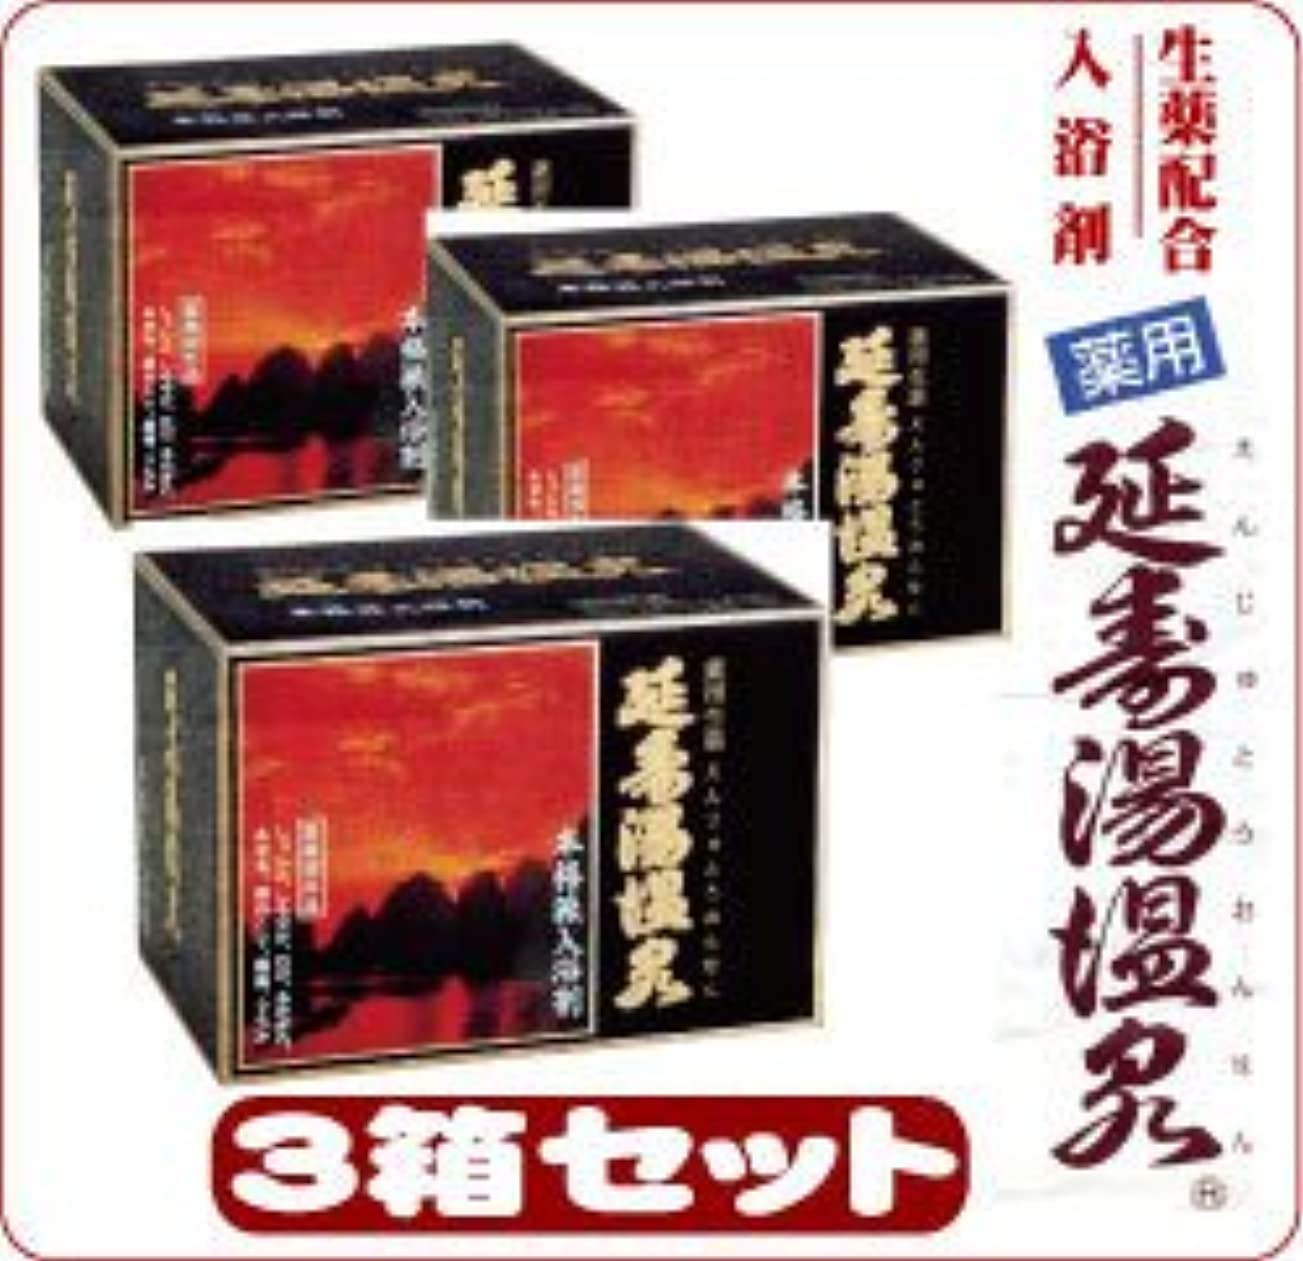 ブラジャー巻き取り幸運なことに【薬用入浴剤】  延寿湯温泉 50gX12包み 3箱セット  【天然生薬配合】